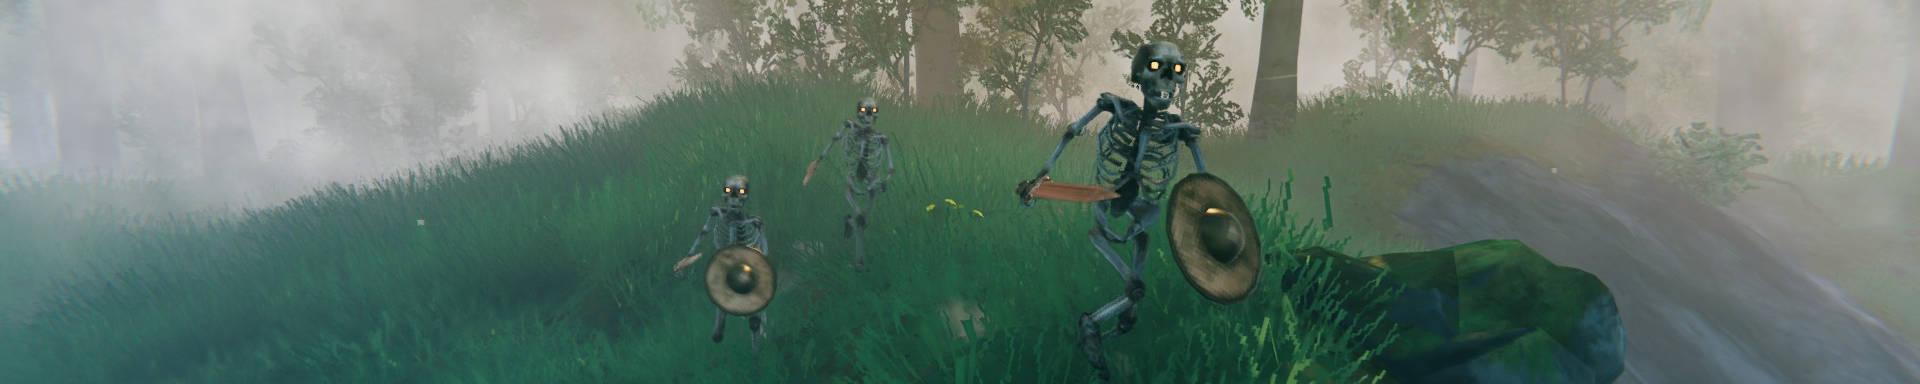 Valheim Der Wald bewegt Base Raids Guide Skelette